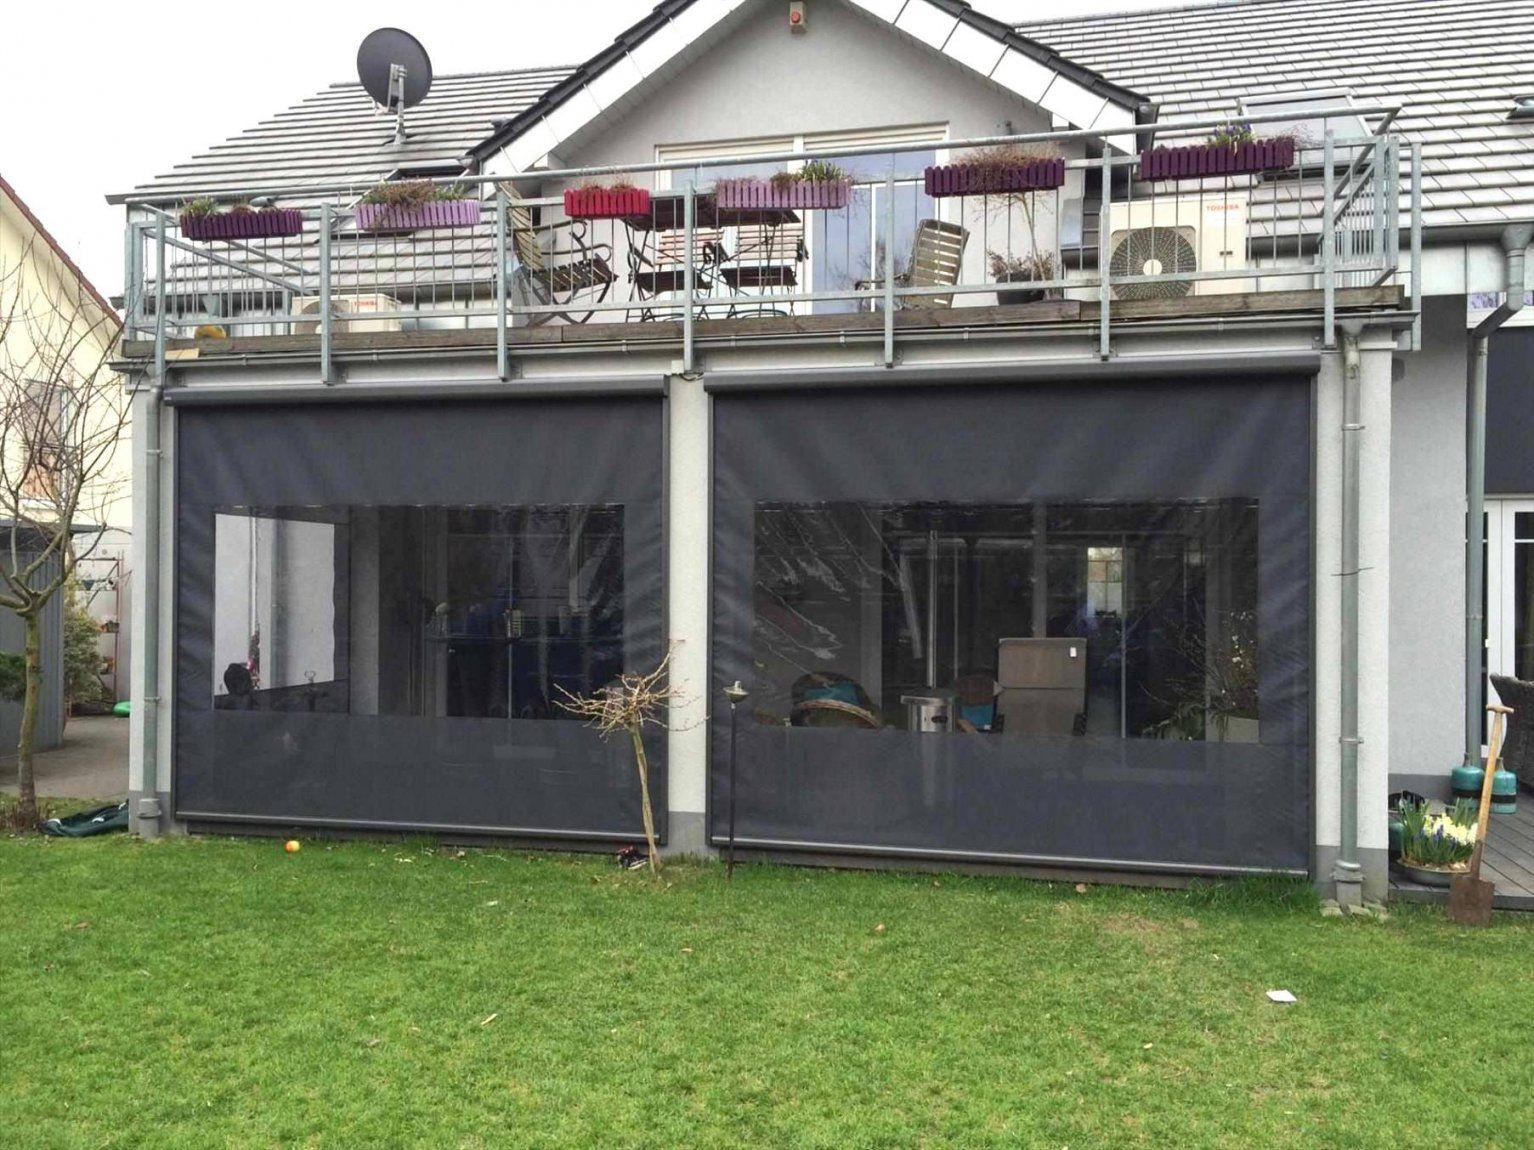 64 Inspirational Regenschutz Terrasse Selber Bauen Wccp Von Balkon